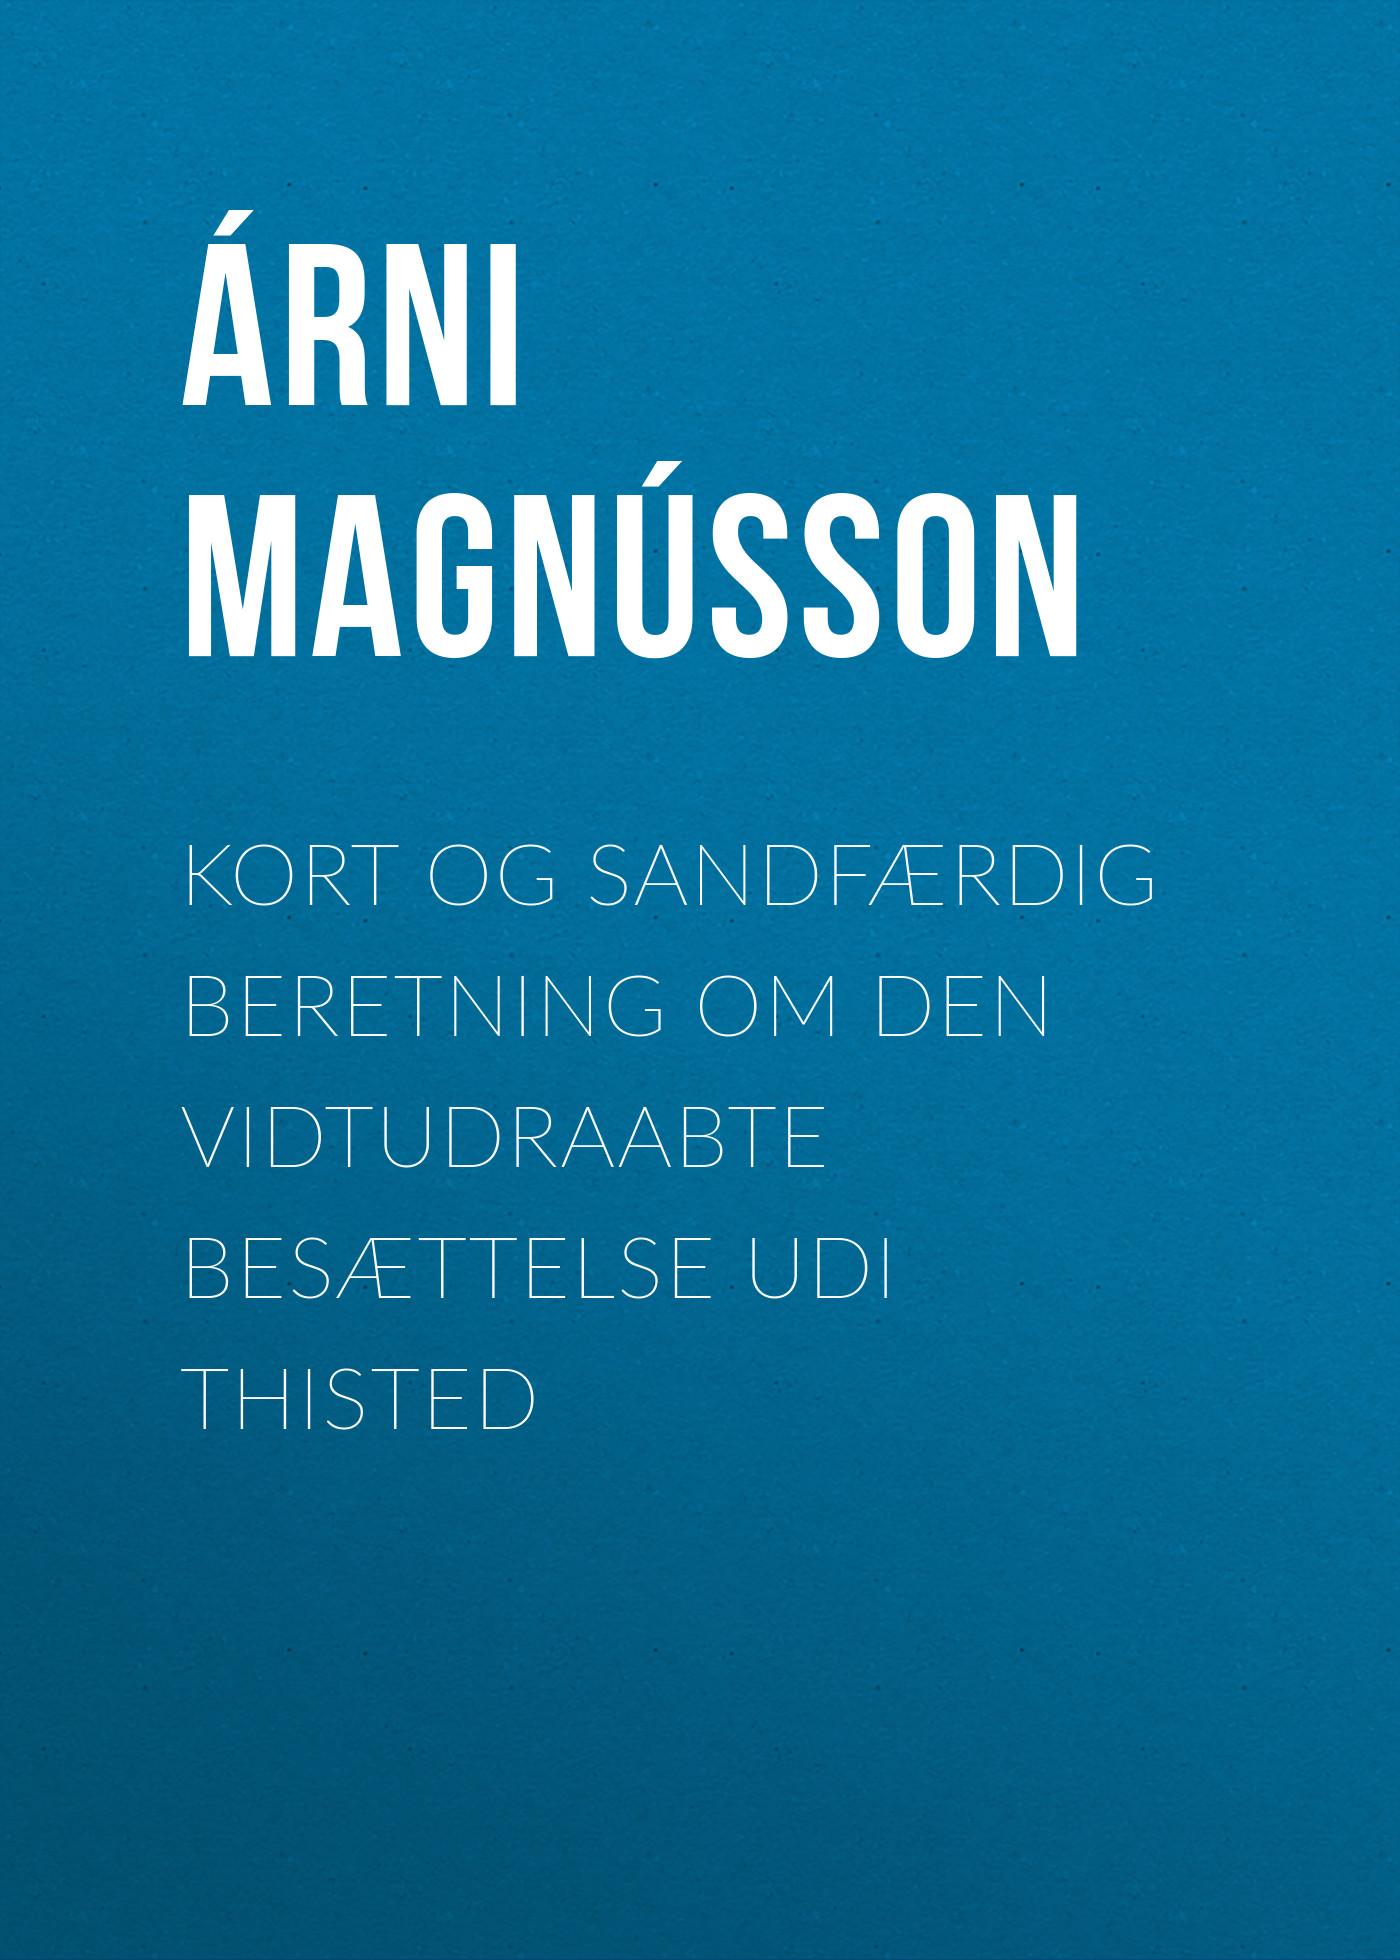 Árni Magnússon Kort og sandfærdig Beretning om den vidtudraabte Besættelse udi Thisted francis hagerup om kjob og salg norwegian edition